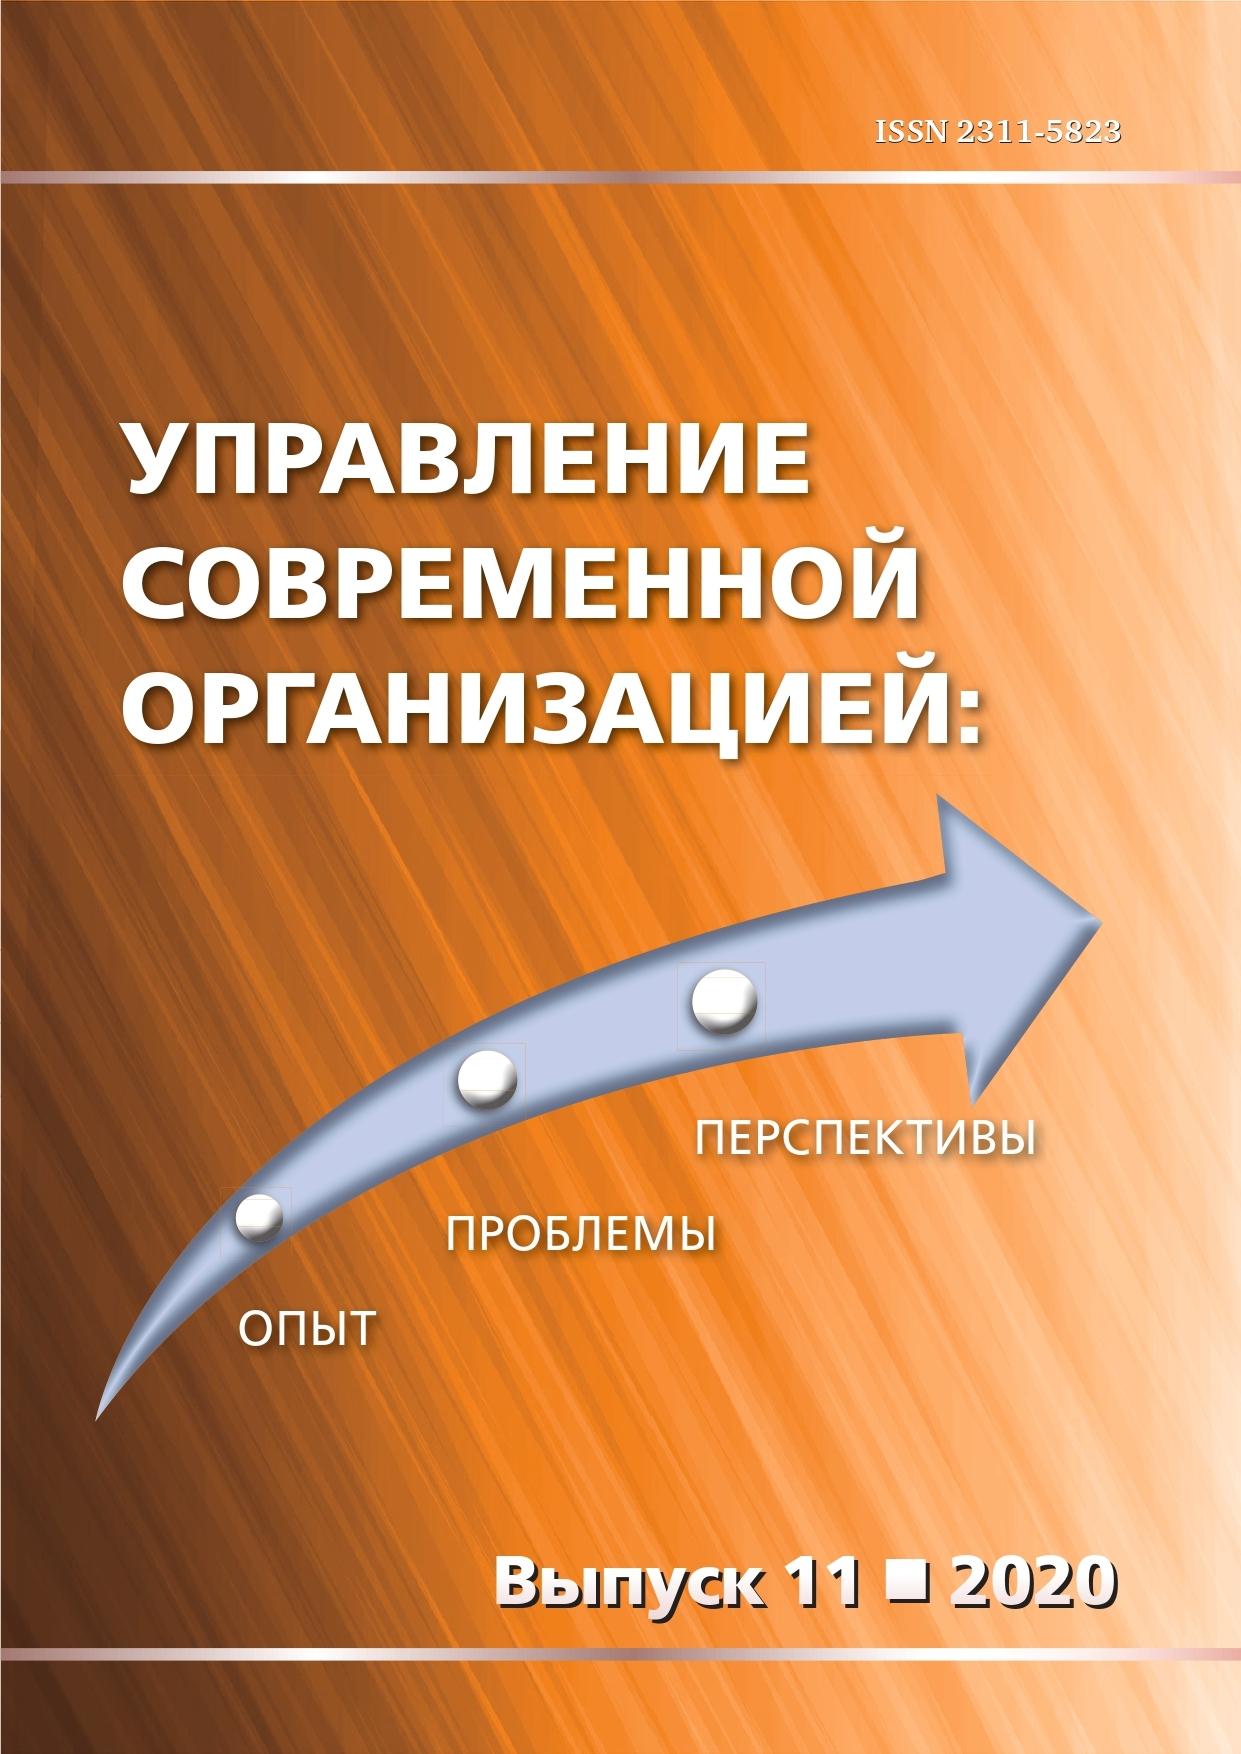 Управление современной организацией: опыт, проблемы и перспективы